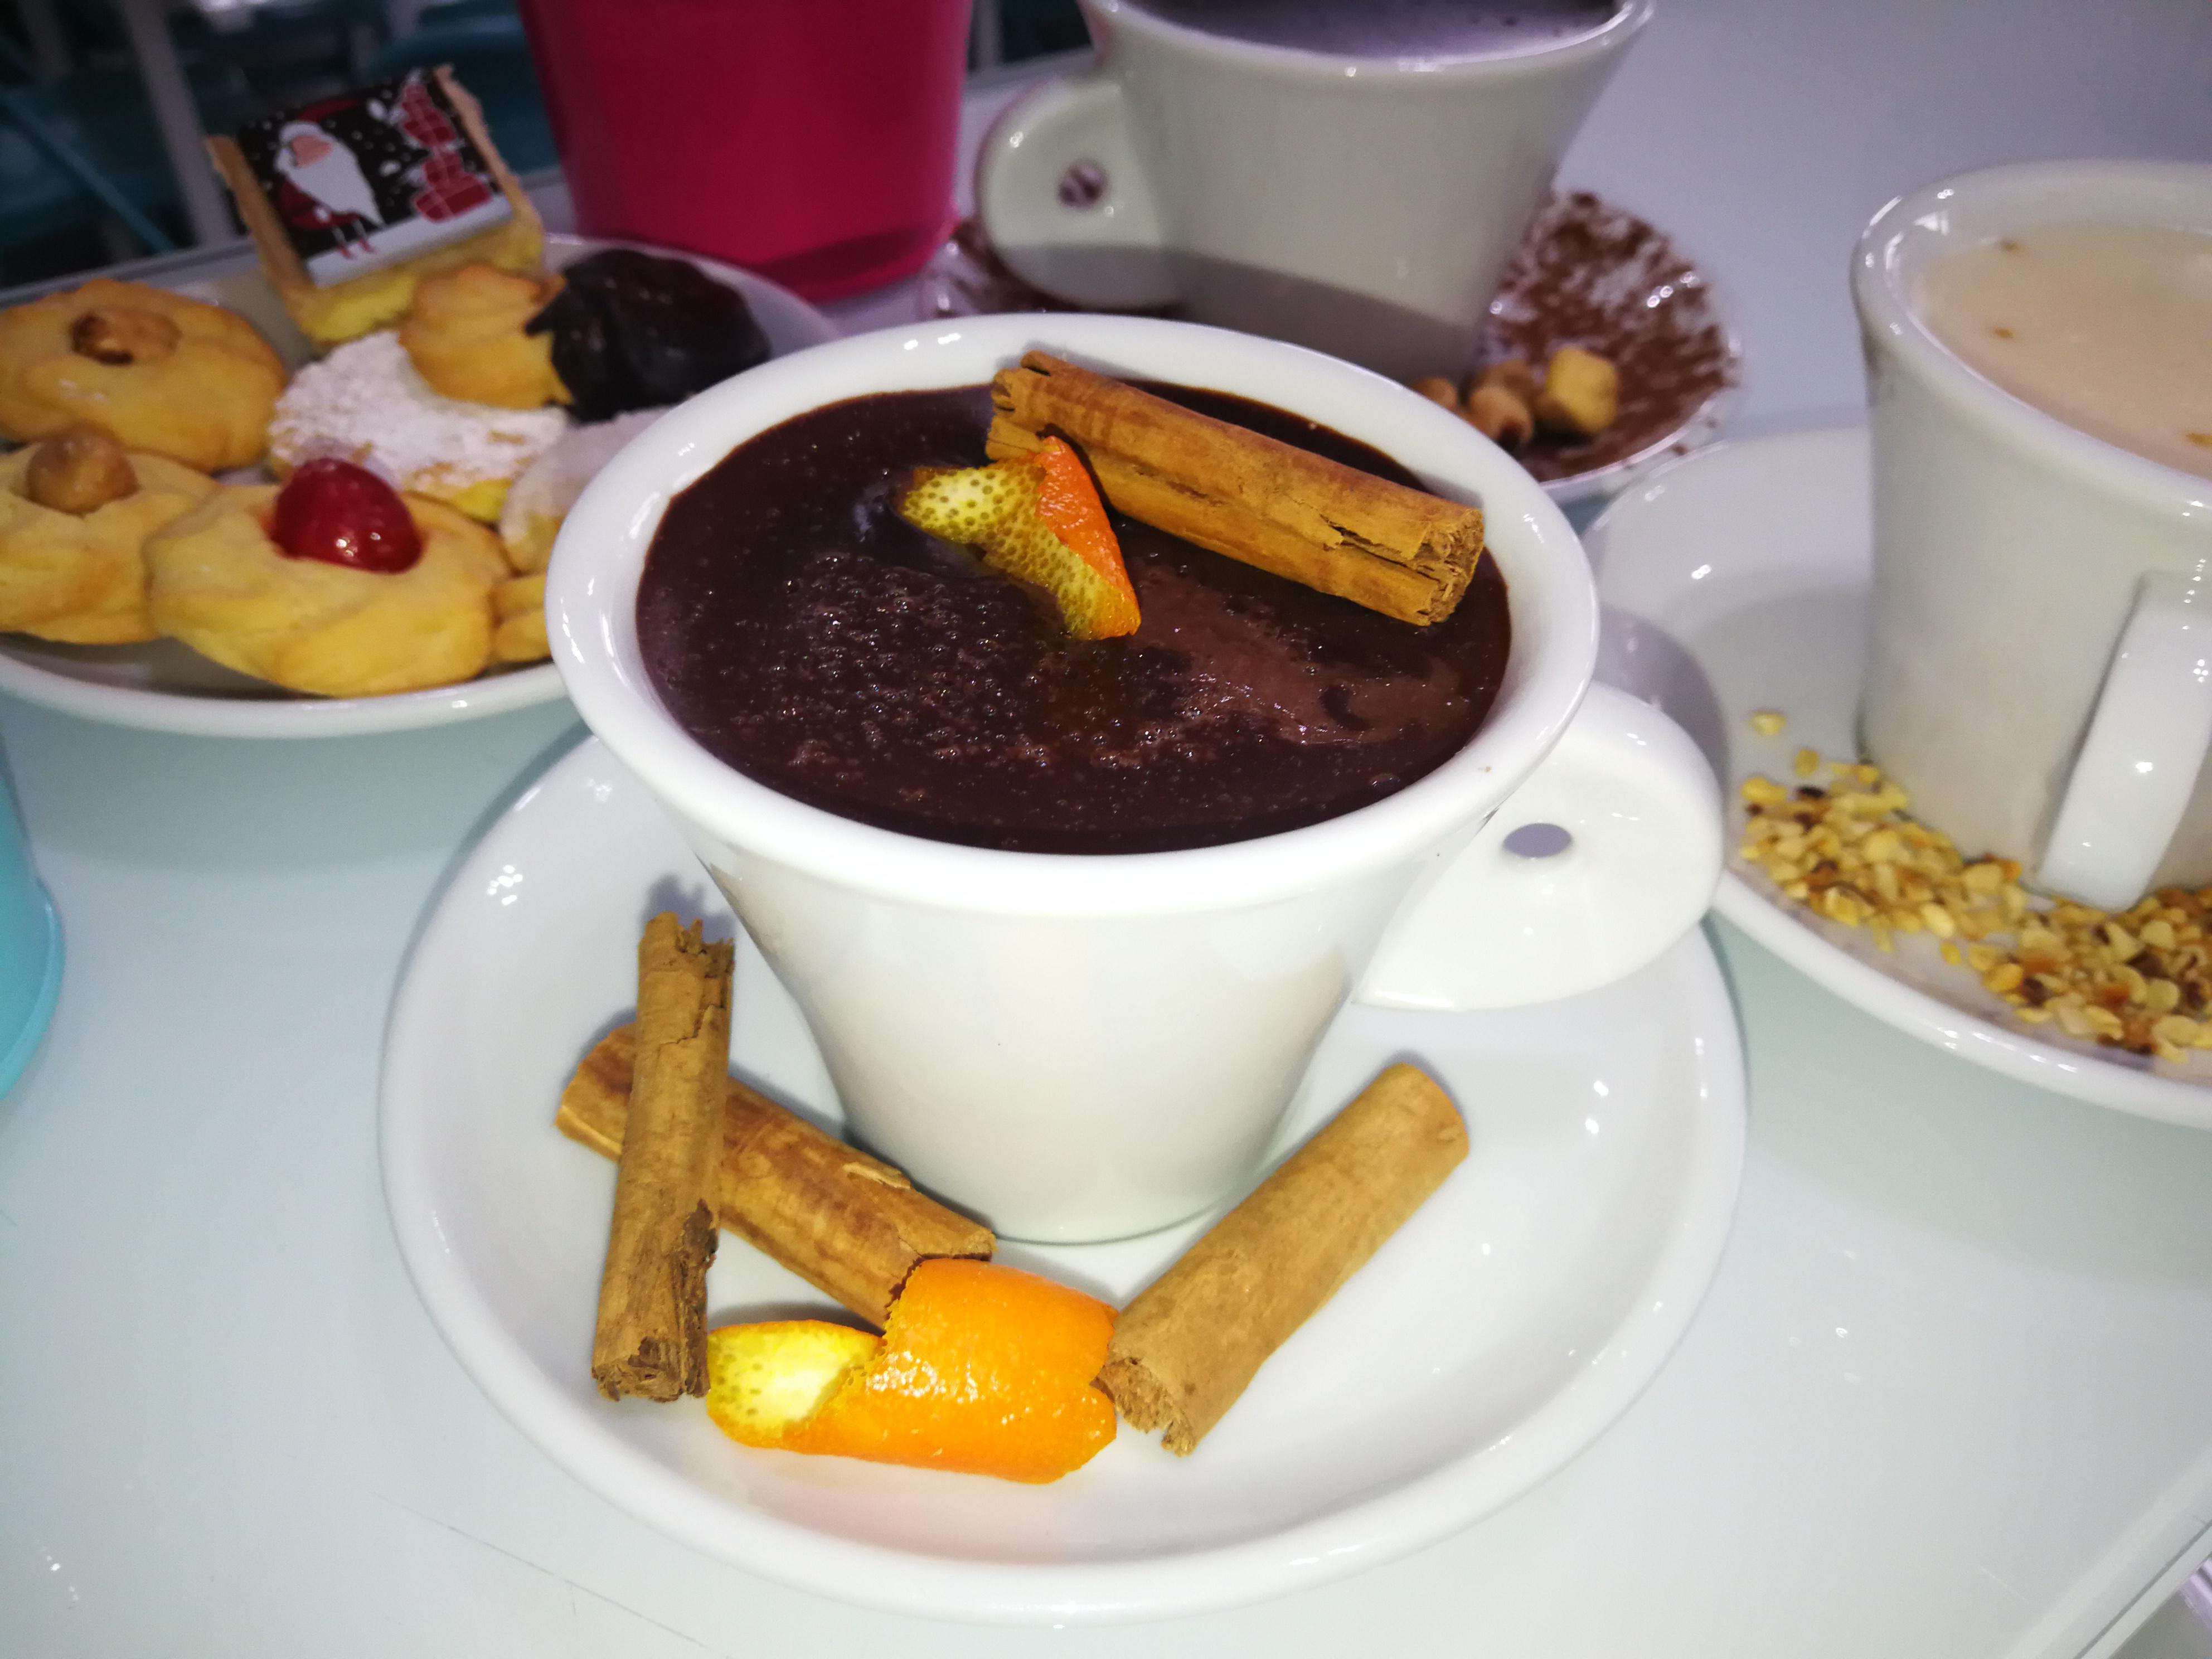 Cioccolata cannella e arancia